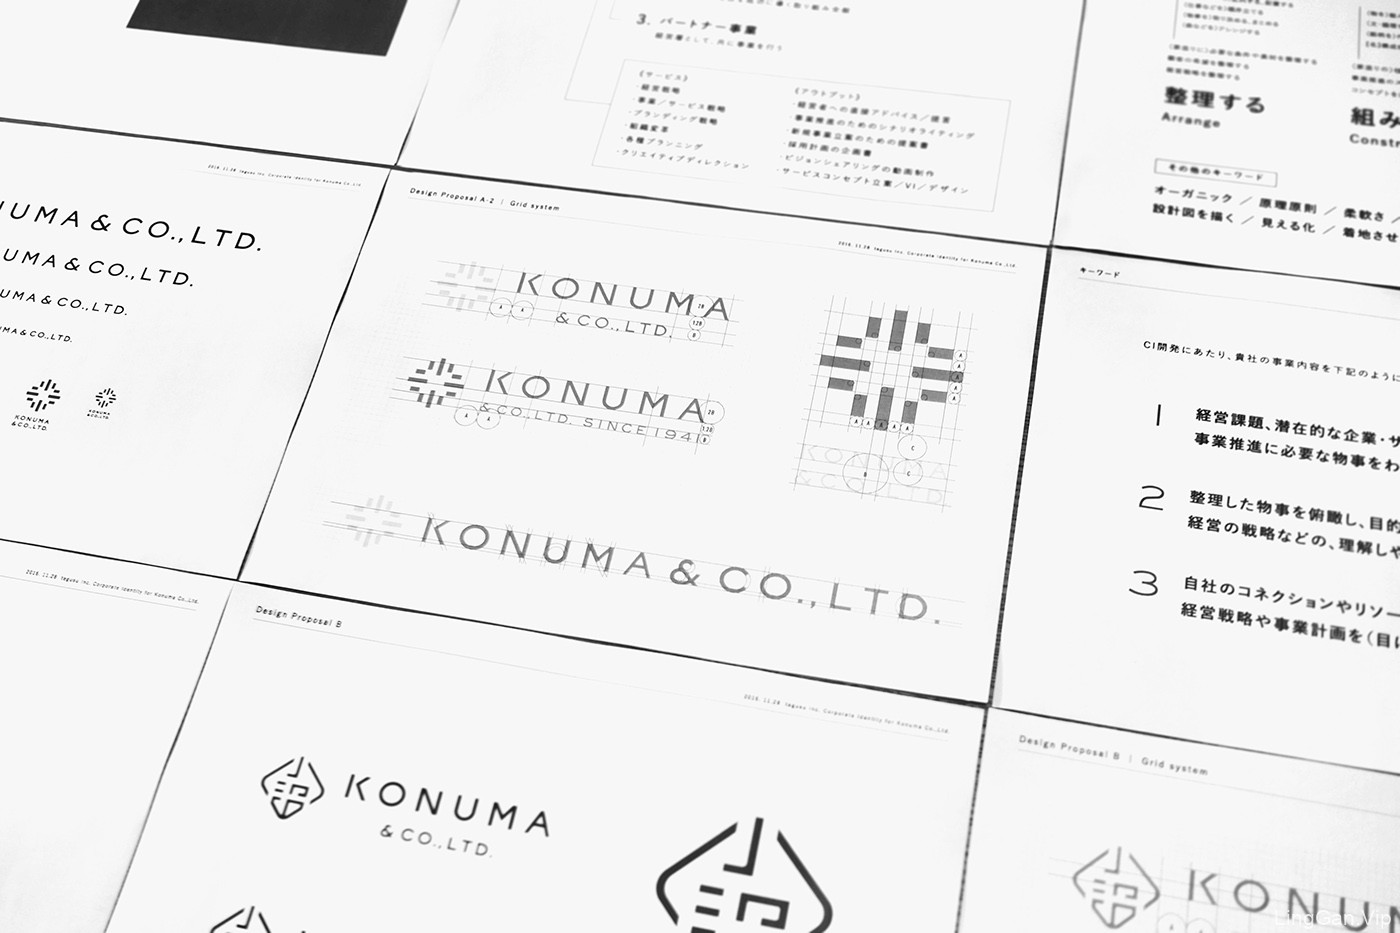 日本小沼商事LOGO及视觉形象设计